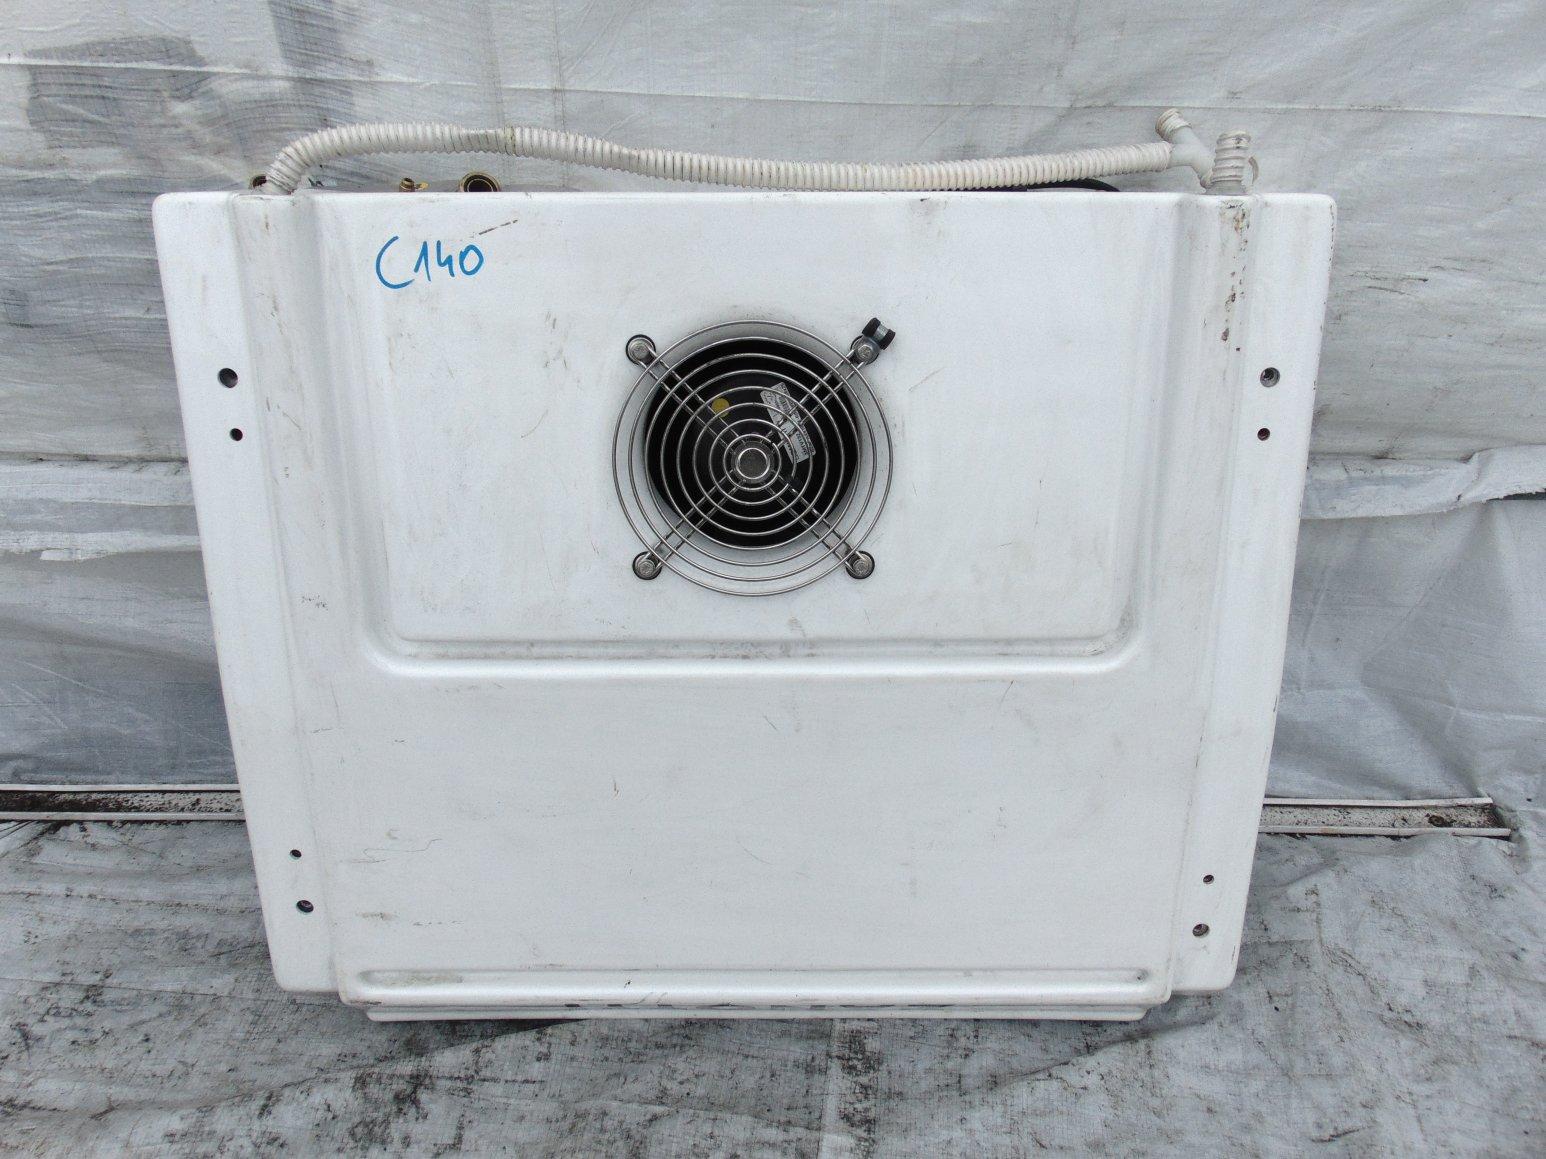 ducato boxer рефрижератор приводимый в действие холодильник r250-12e810